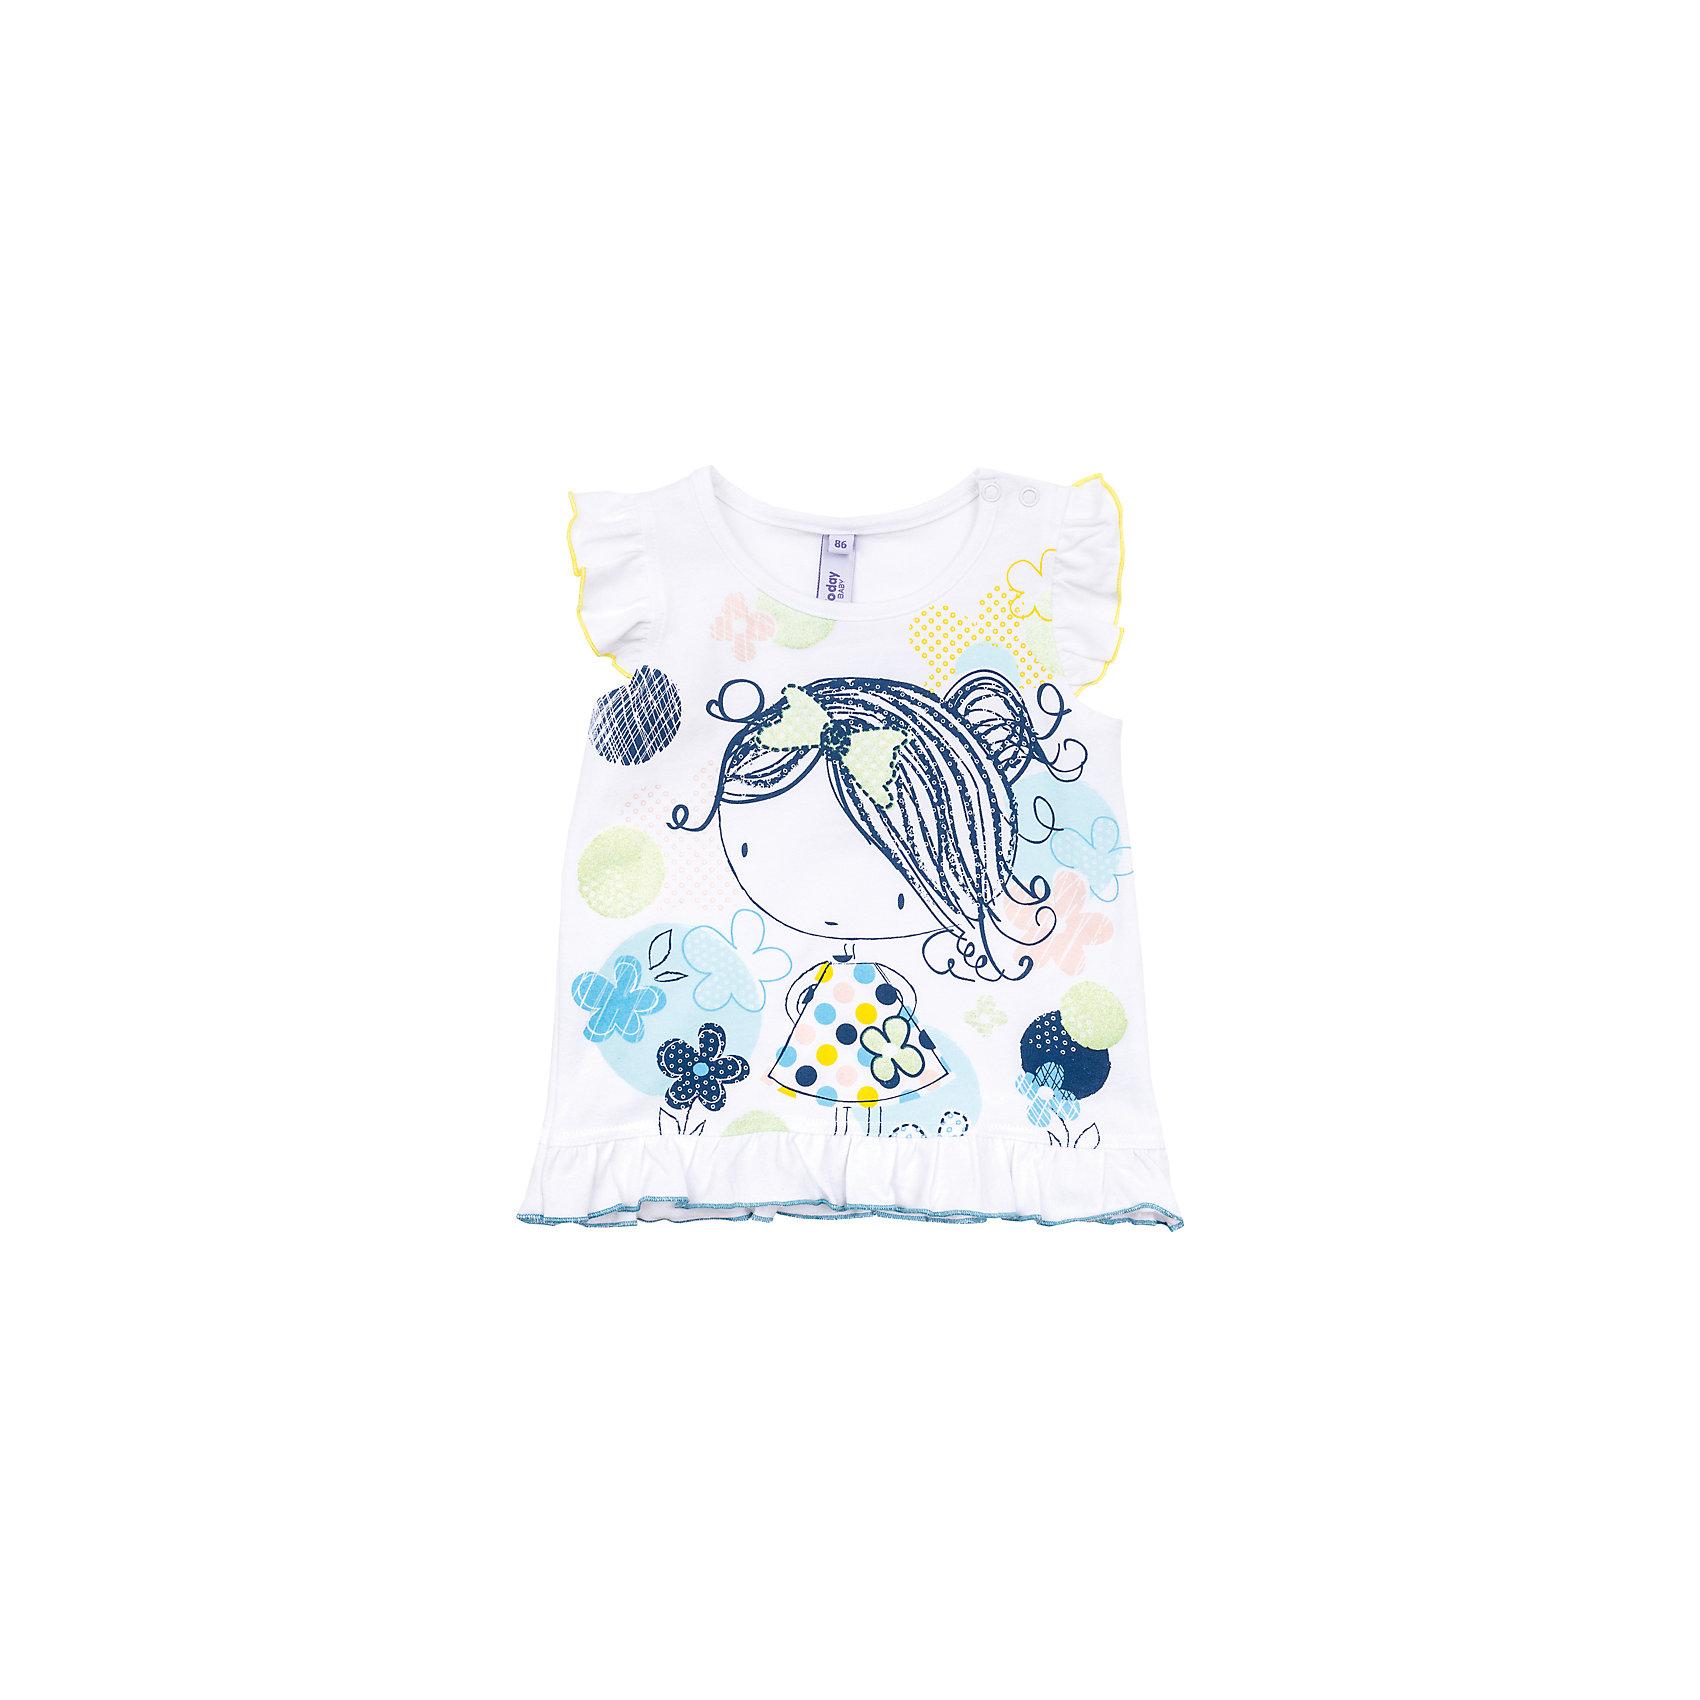 Майка для девочки PlayTodayФутболки, топы<br>Майка для девочки PlayToday<br>Топ из натуральной ткани с ярким сочным принтом будет прекрасным дополнением летнего детского гардероба. Пройма рукавов декорирована мягкими складками, которые дают эффект крылышек.<br>Состав:<br>95% хлопок, 5% эластан<br><br>Ширина мм: 199<br>Глубина мм: 10<br>Высота мм: 161<br>Вес г: 151<br>Цвет: разноцветный<br>Возраст от месяцев: 18<br>Возраст до месяцев: 24<br>Пол: Женский<br>Возраст: Детский<br>Размер: 92,74,80,86<br>SKU: 5408318